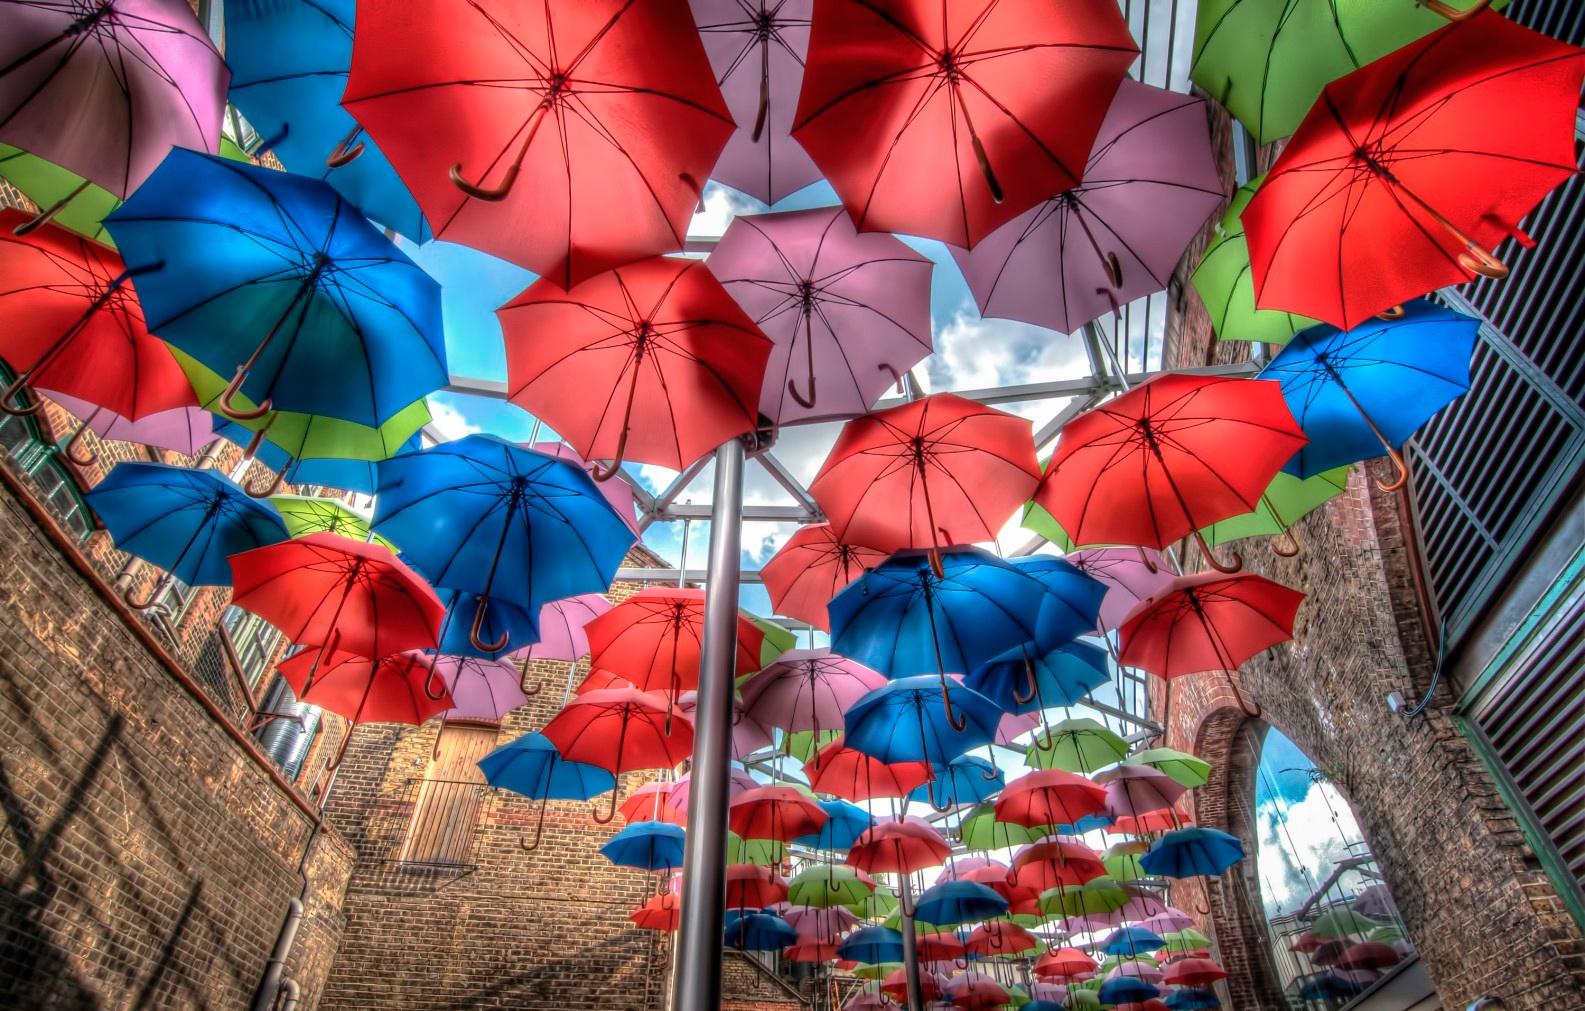 7 интересных фактов о зонтах